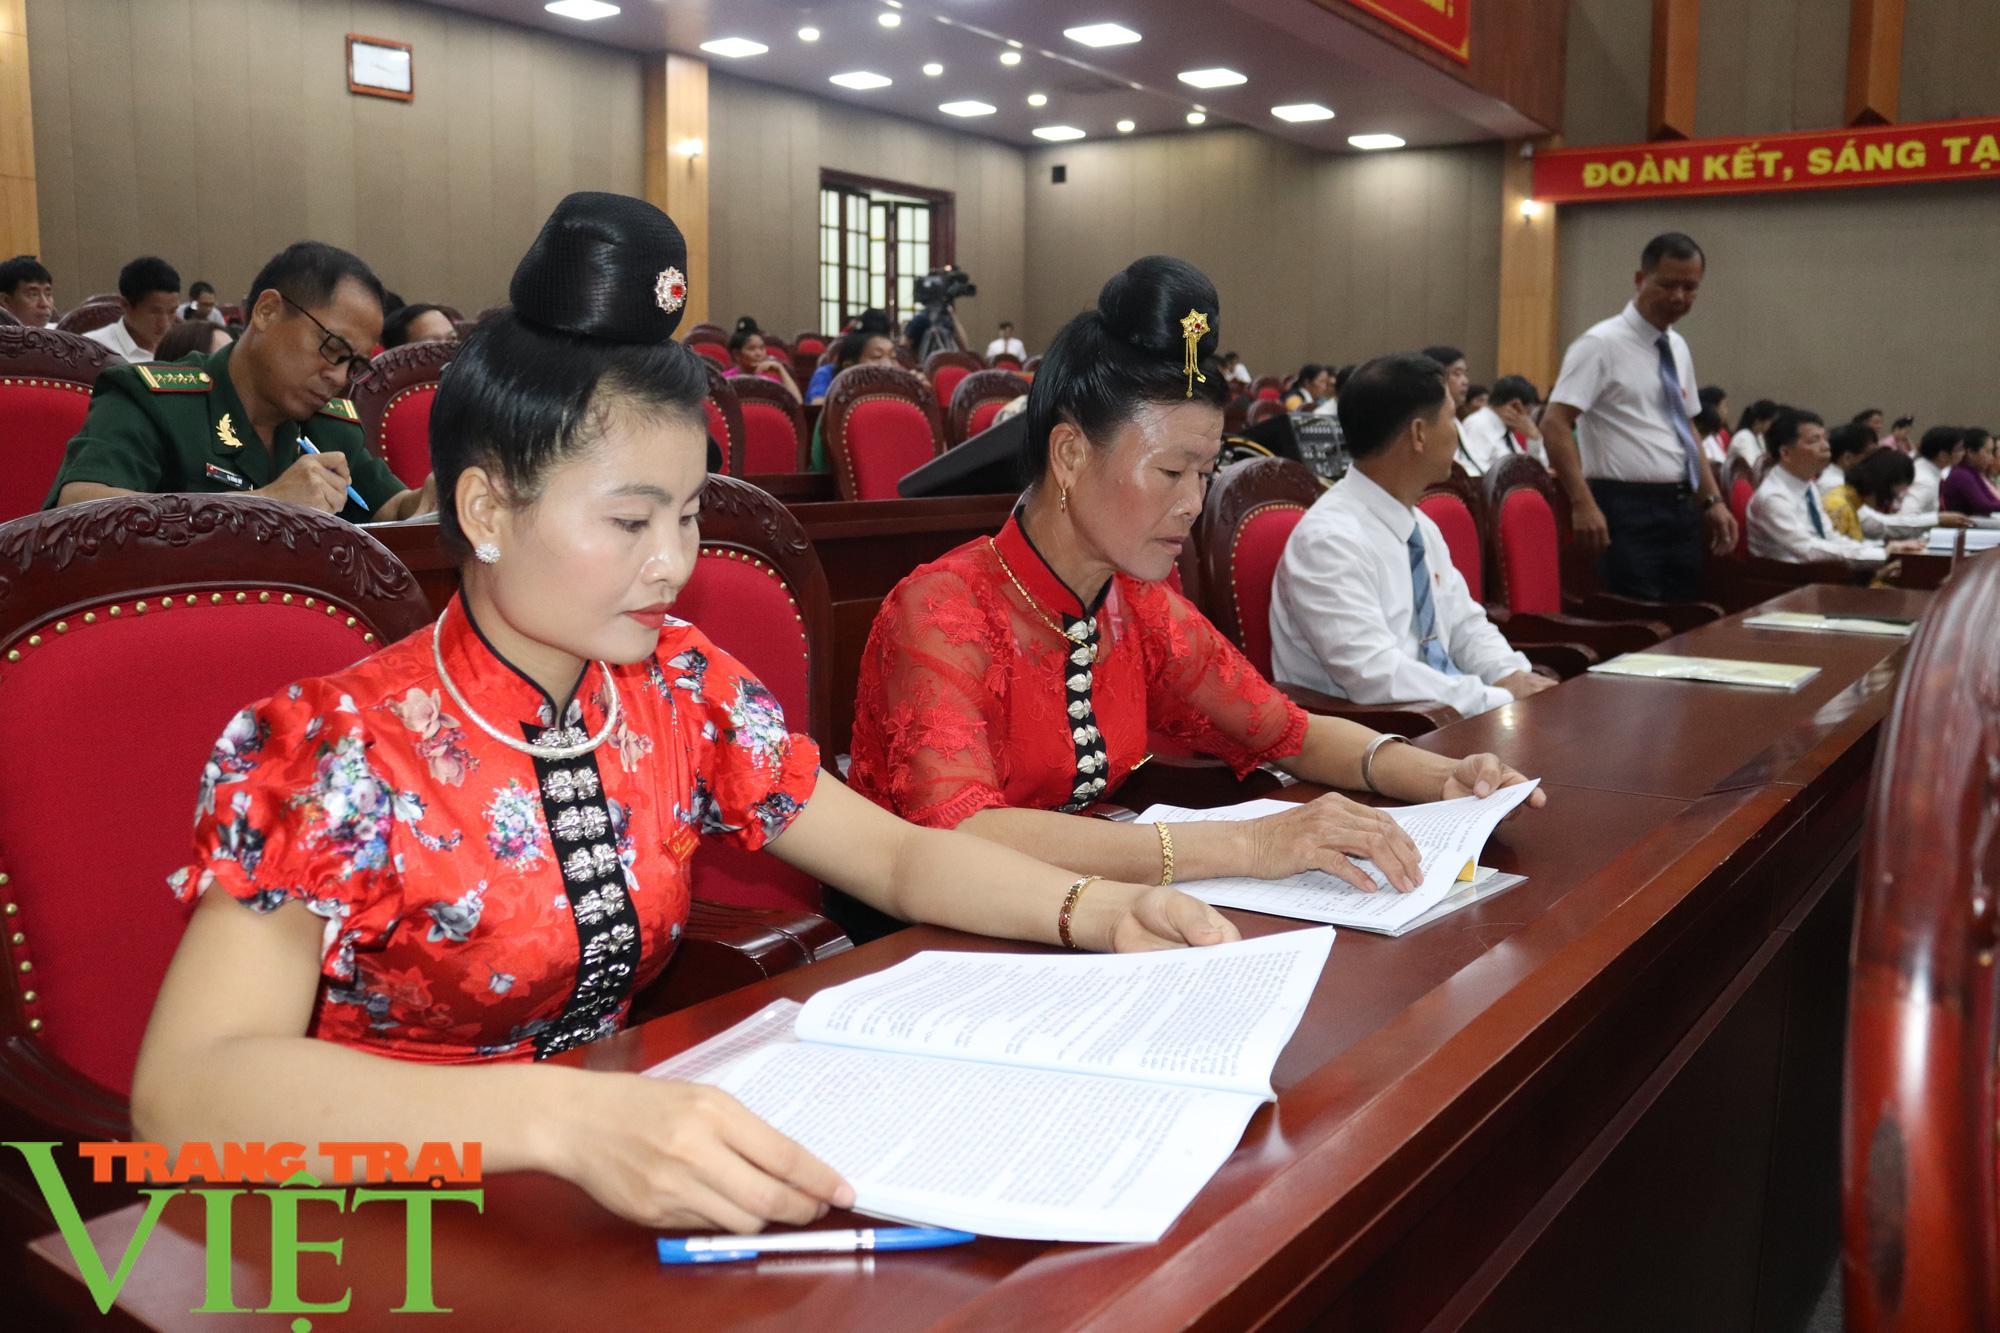 Sơn La tiếp tục triển khai sâu rộng, đồng bộ các phong trào thi đua yêu nước - Ảnh 3.